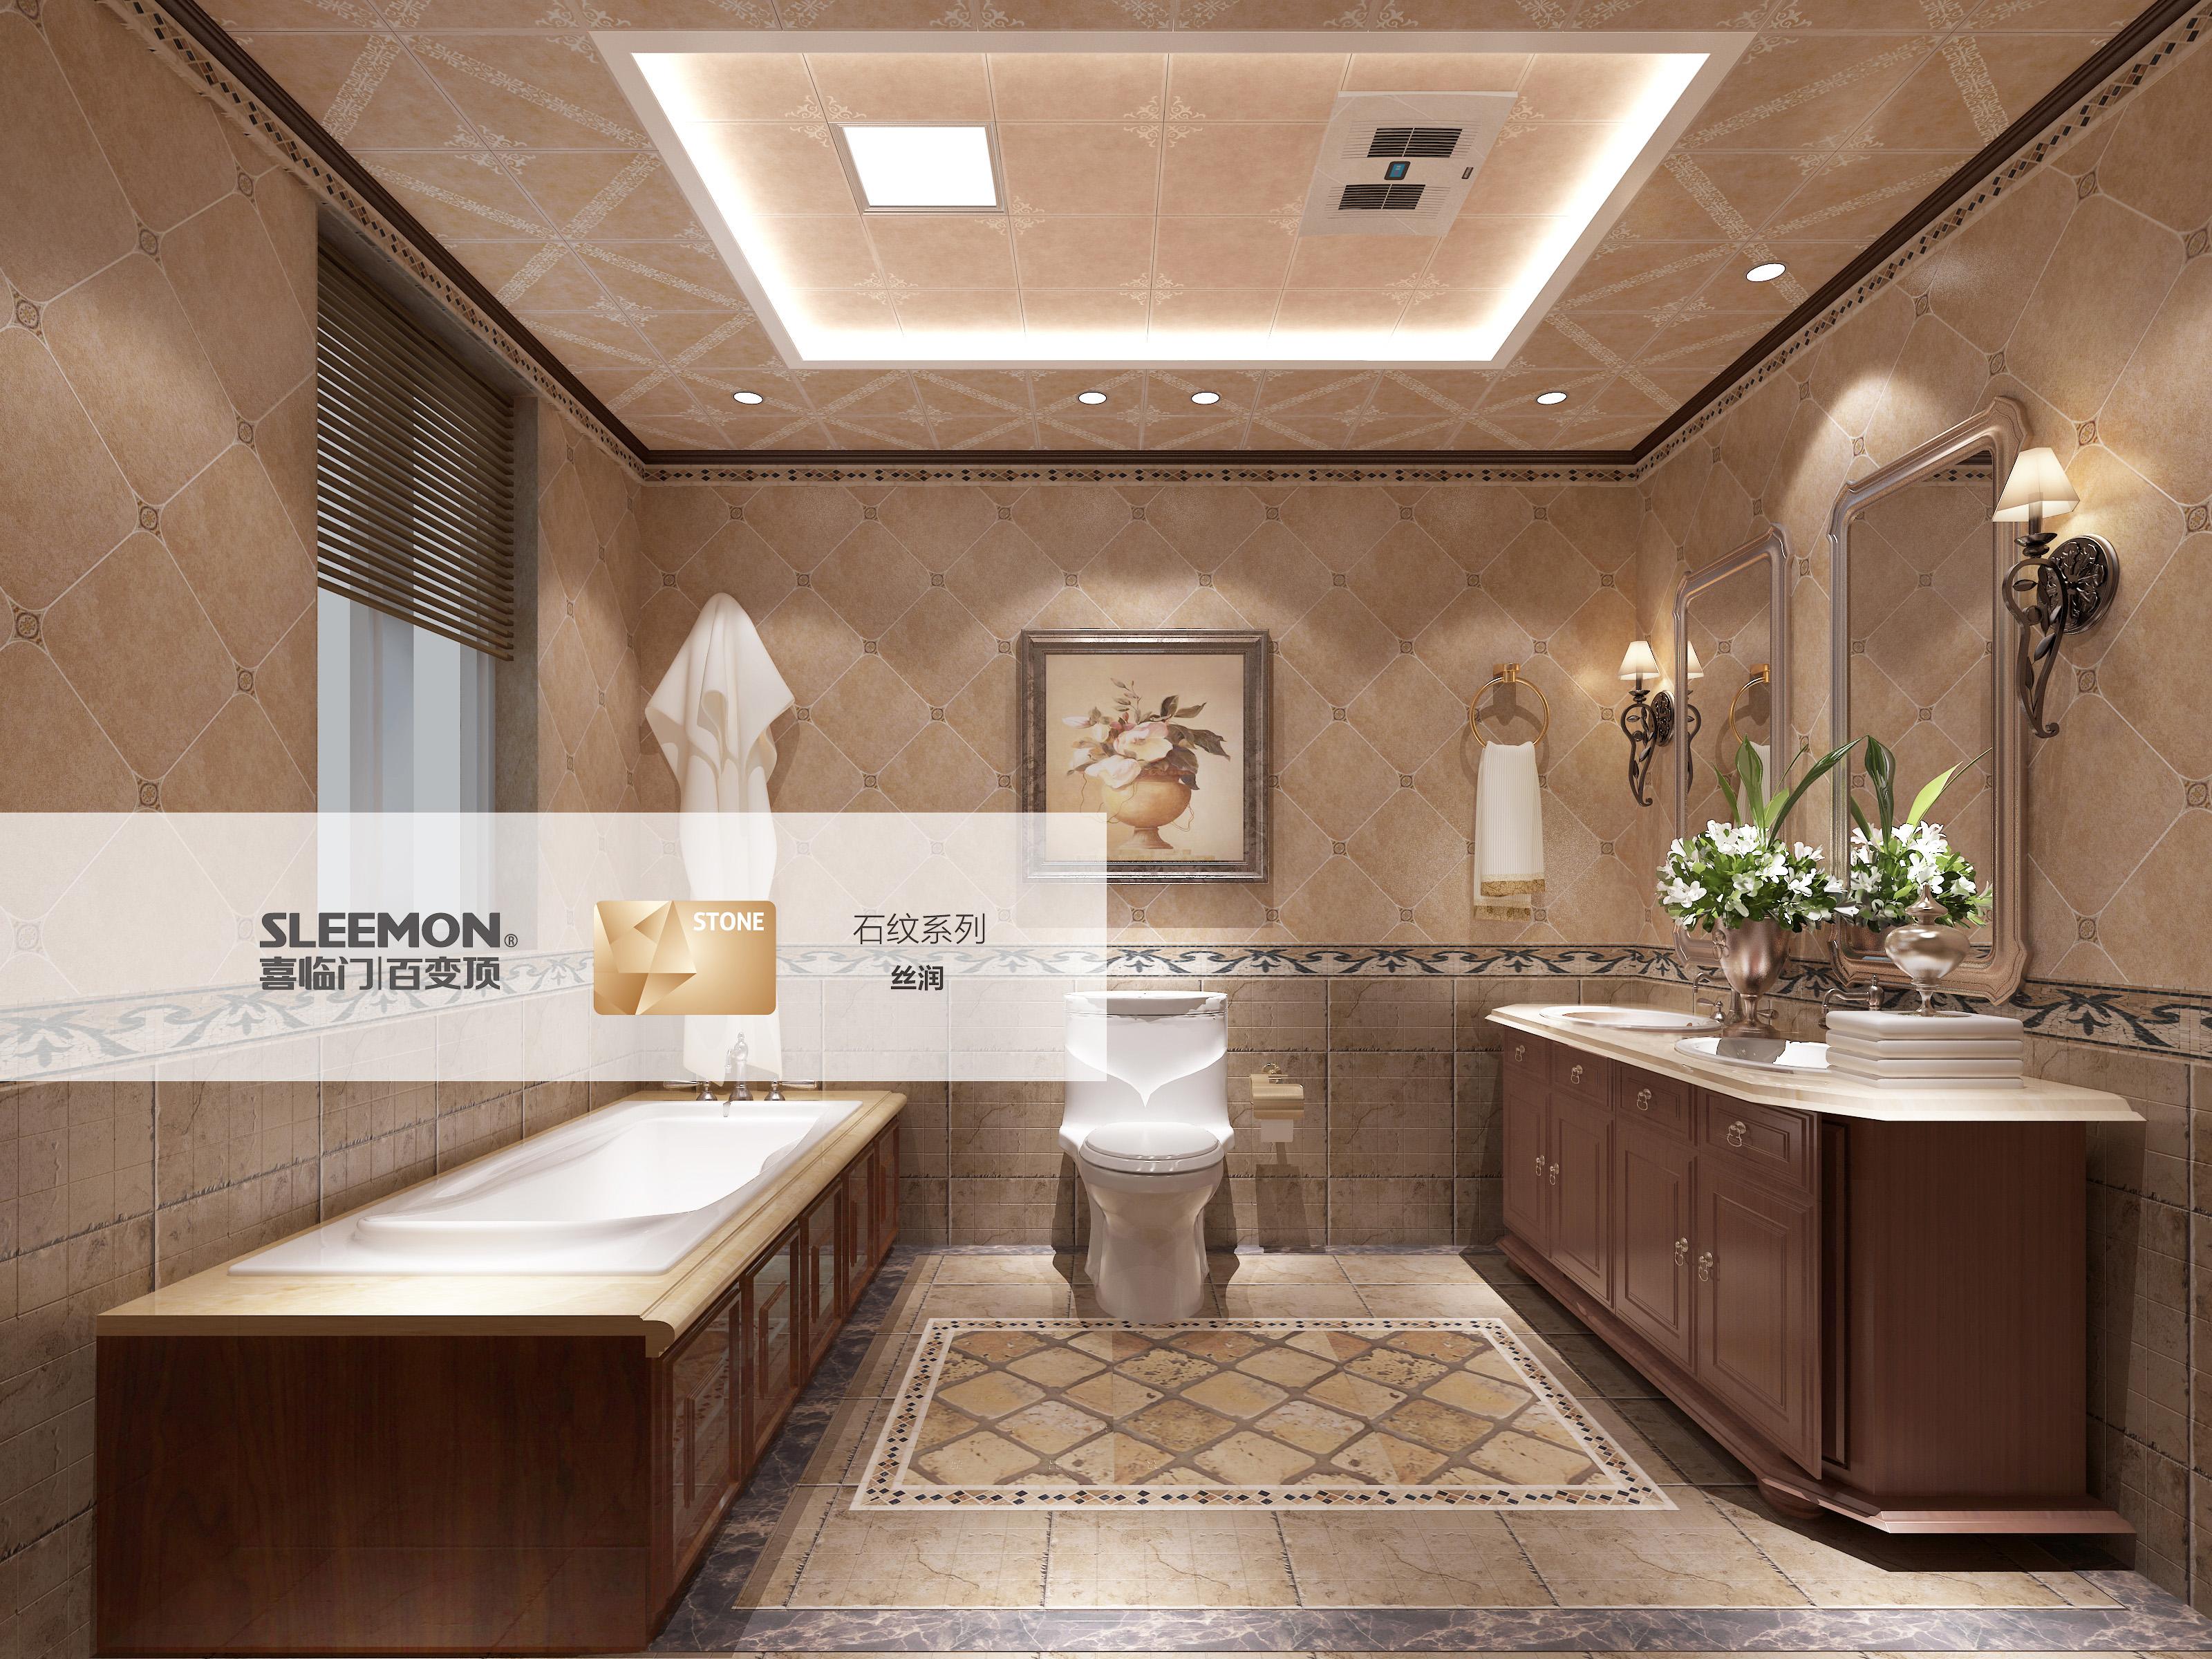 简约田园欧式别墅餐厅墙纸厨房卧室来自集成图片吊顶sleemoniphone6s动图客厅图片